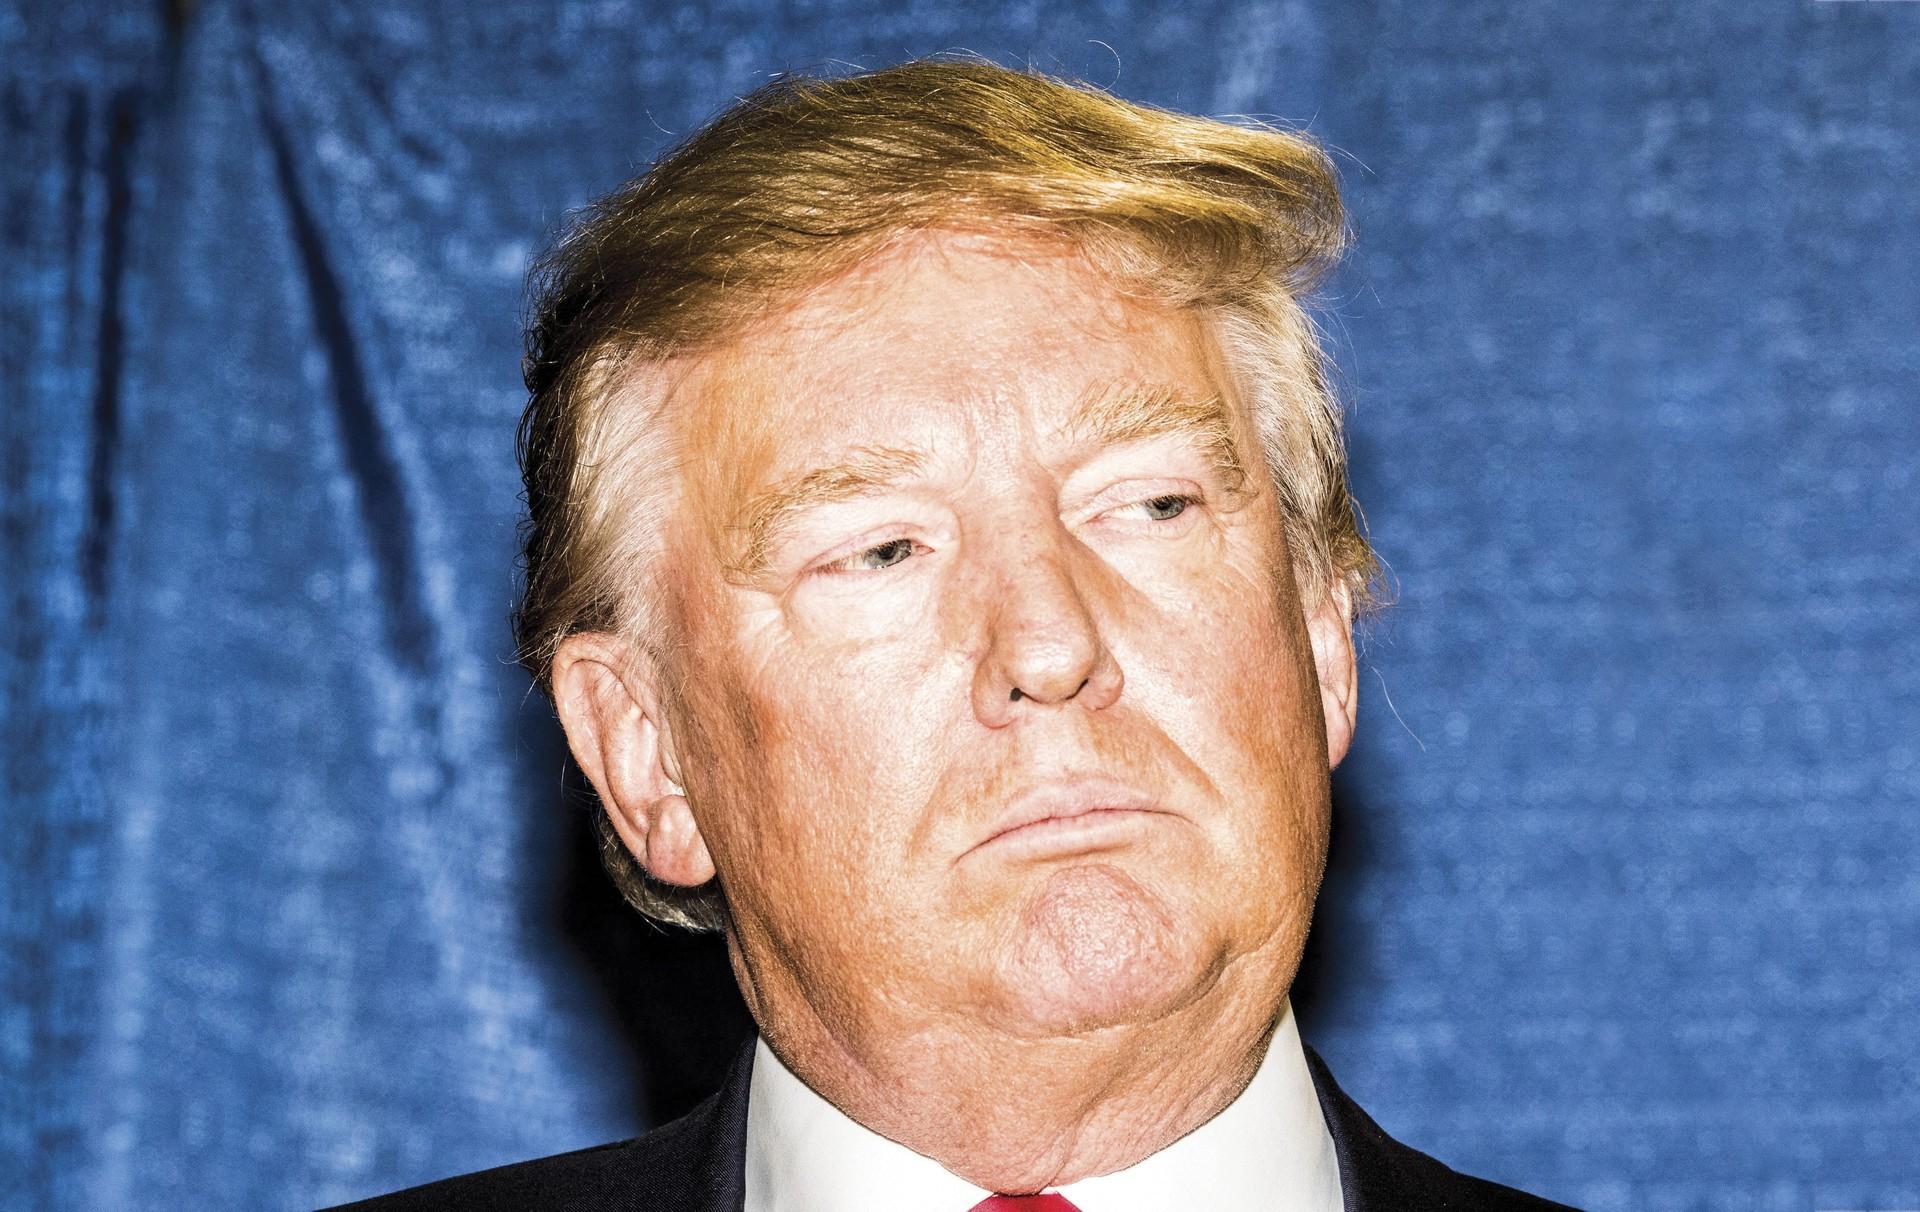 الرئيس دونالد ترامب 2024: ديمقراطي بارز يحاول منع ترامب للترشح اثناء الانتخابات الأمريكية عام 2024!